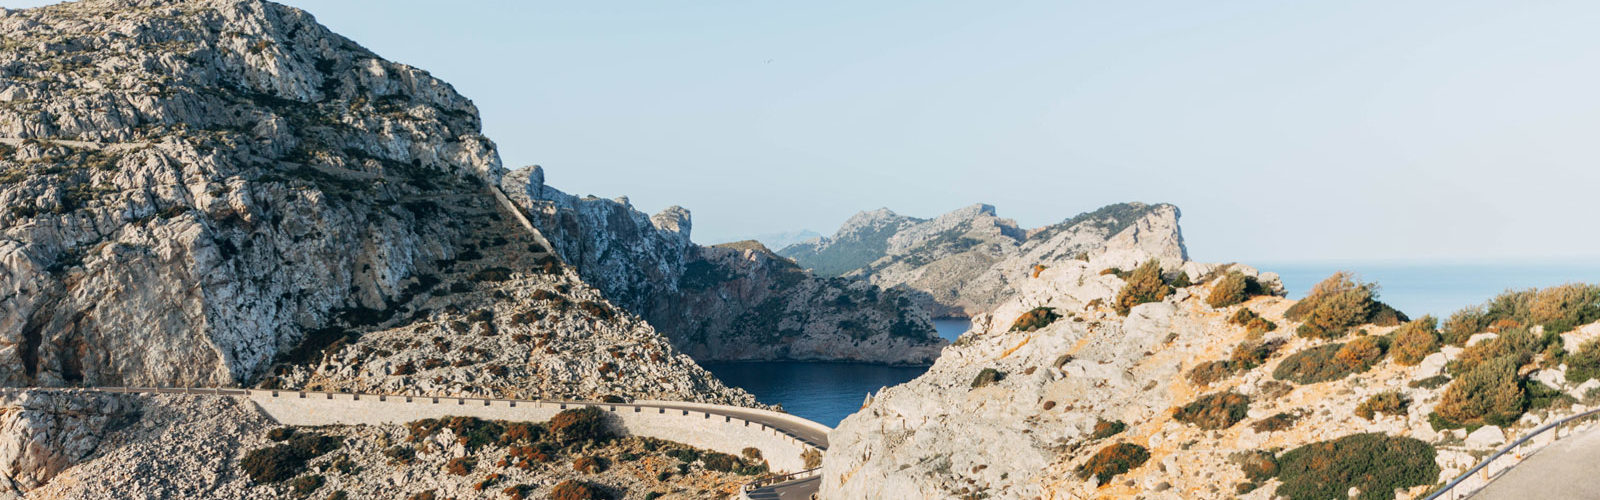 1 semaine à Majorque: Itinéraire conseillé pour s'en mettre plein la vue !